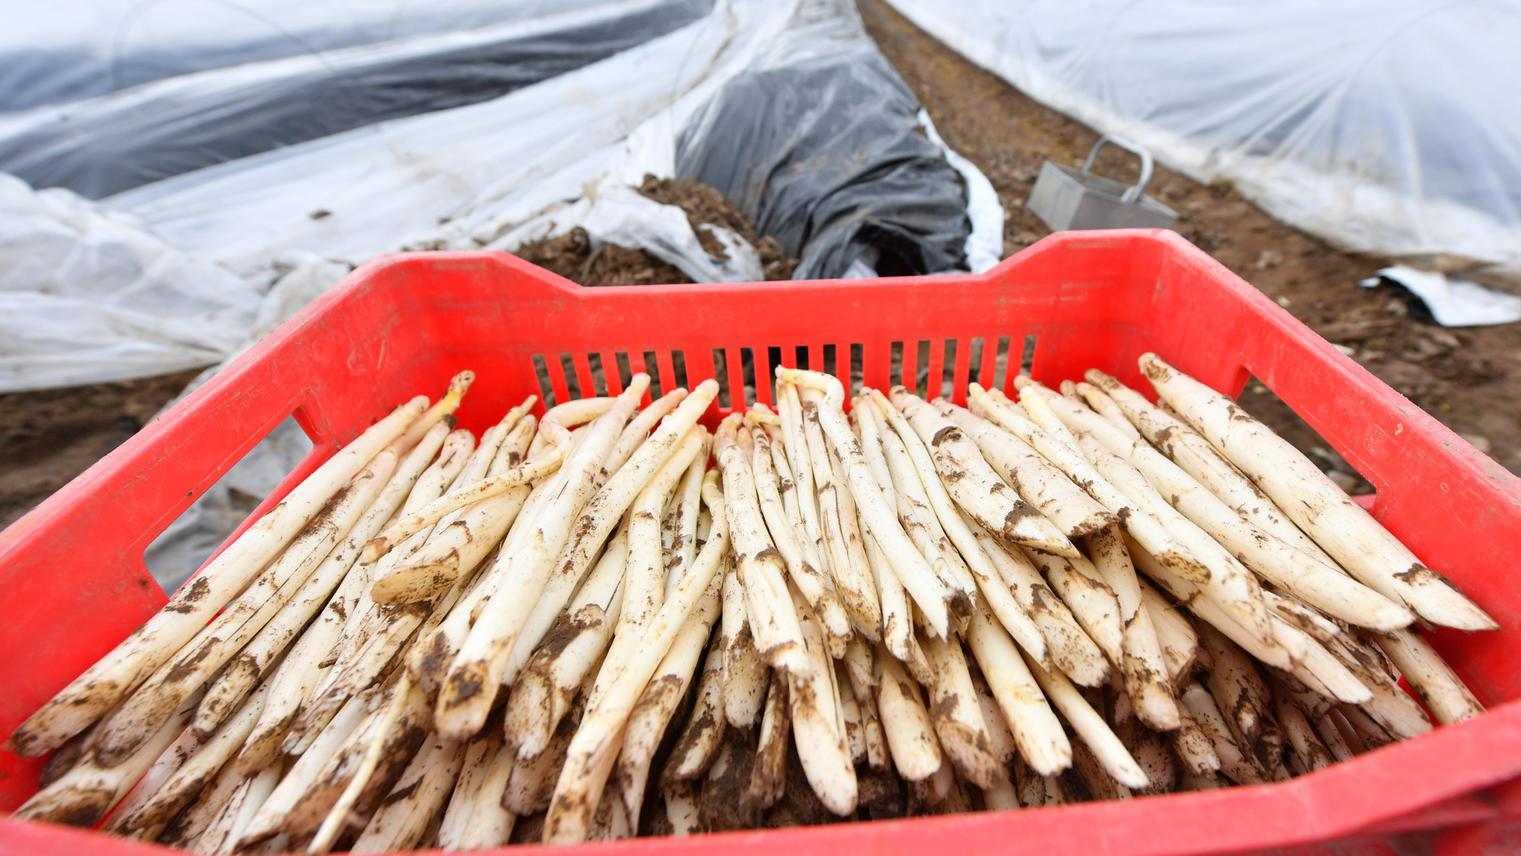 Spargelstangen liegen während der Ernte auf einem Feld bei Weiterstadt (Hessen) in einer Kiste. Der erste Freiland-Spargel wächst unter drei bis vier Folien, die die Wärme im Boden halten - und auch nur an ausgesuchten Standorten. Die R